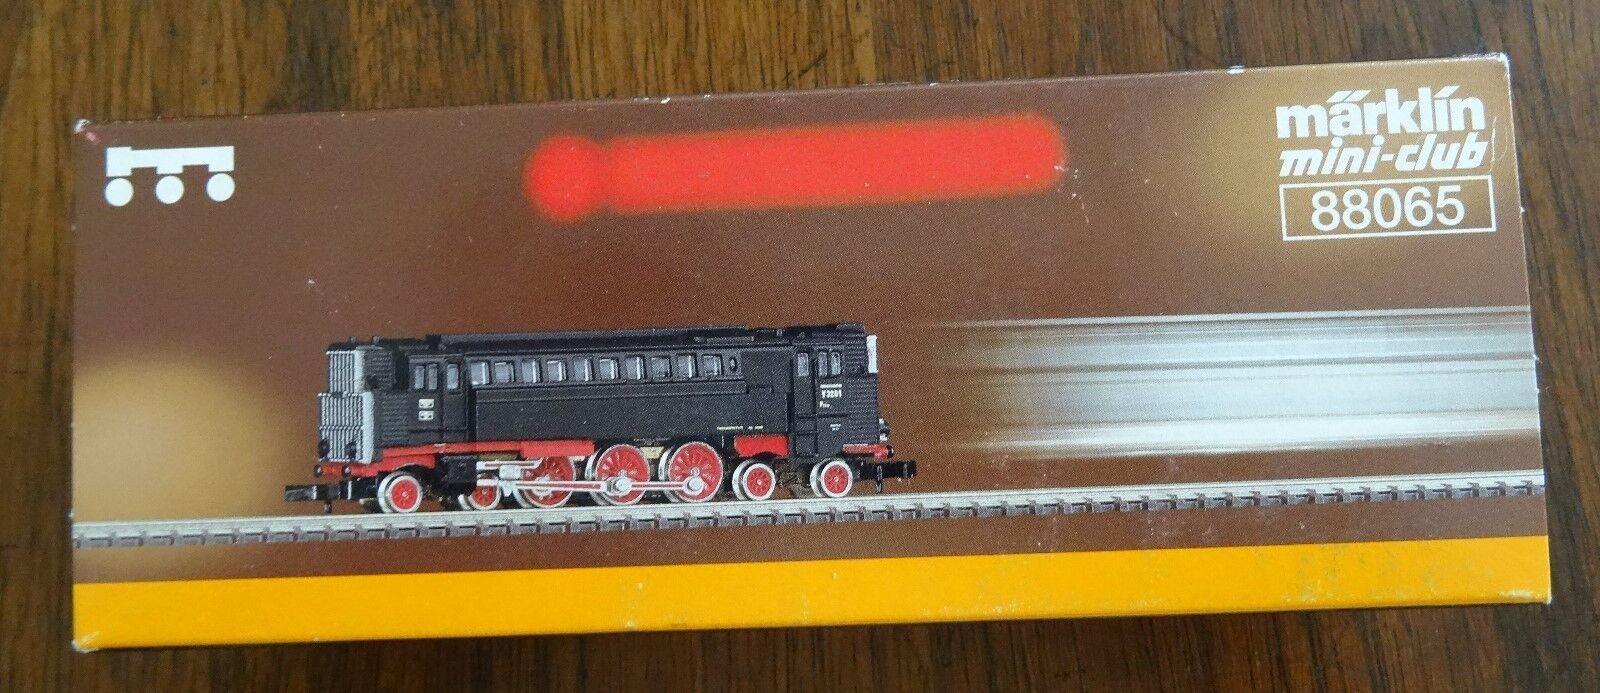 Bre nuovo Marklin  88065 Diesel Pneumatic Locomotive Mini Club Z Scale